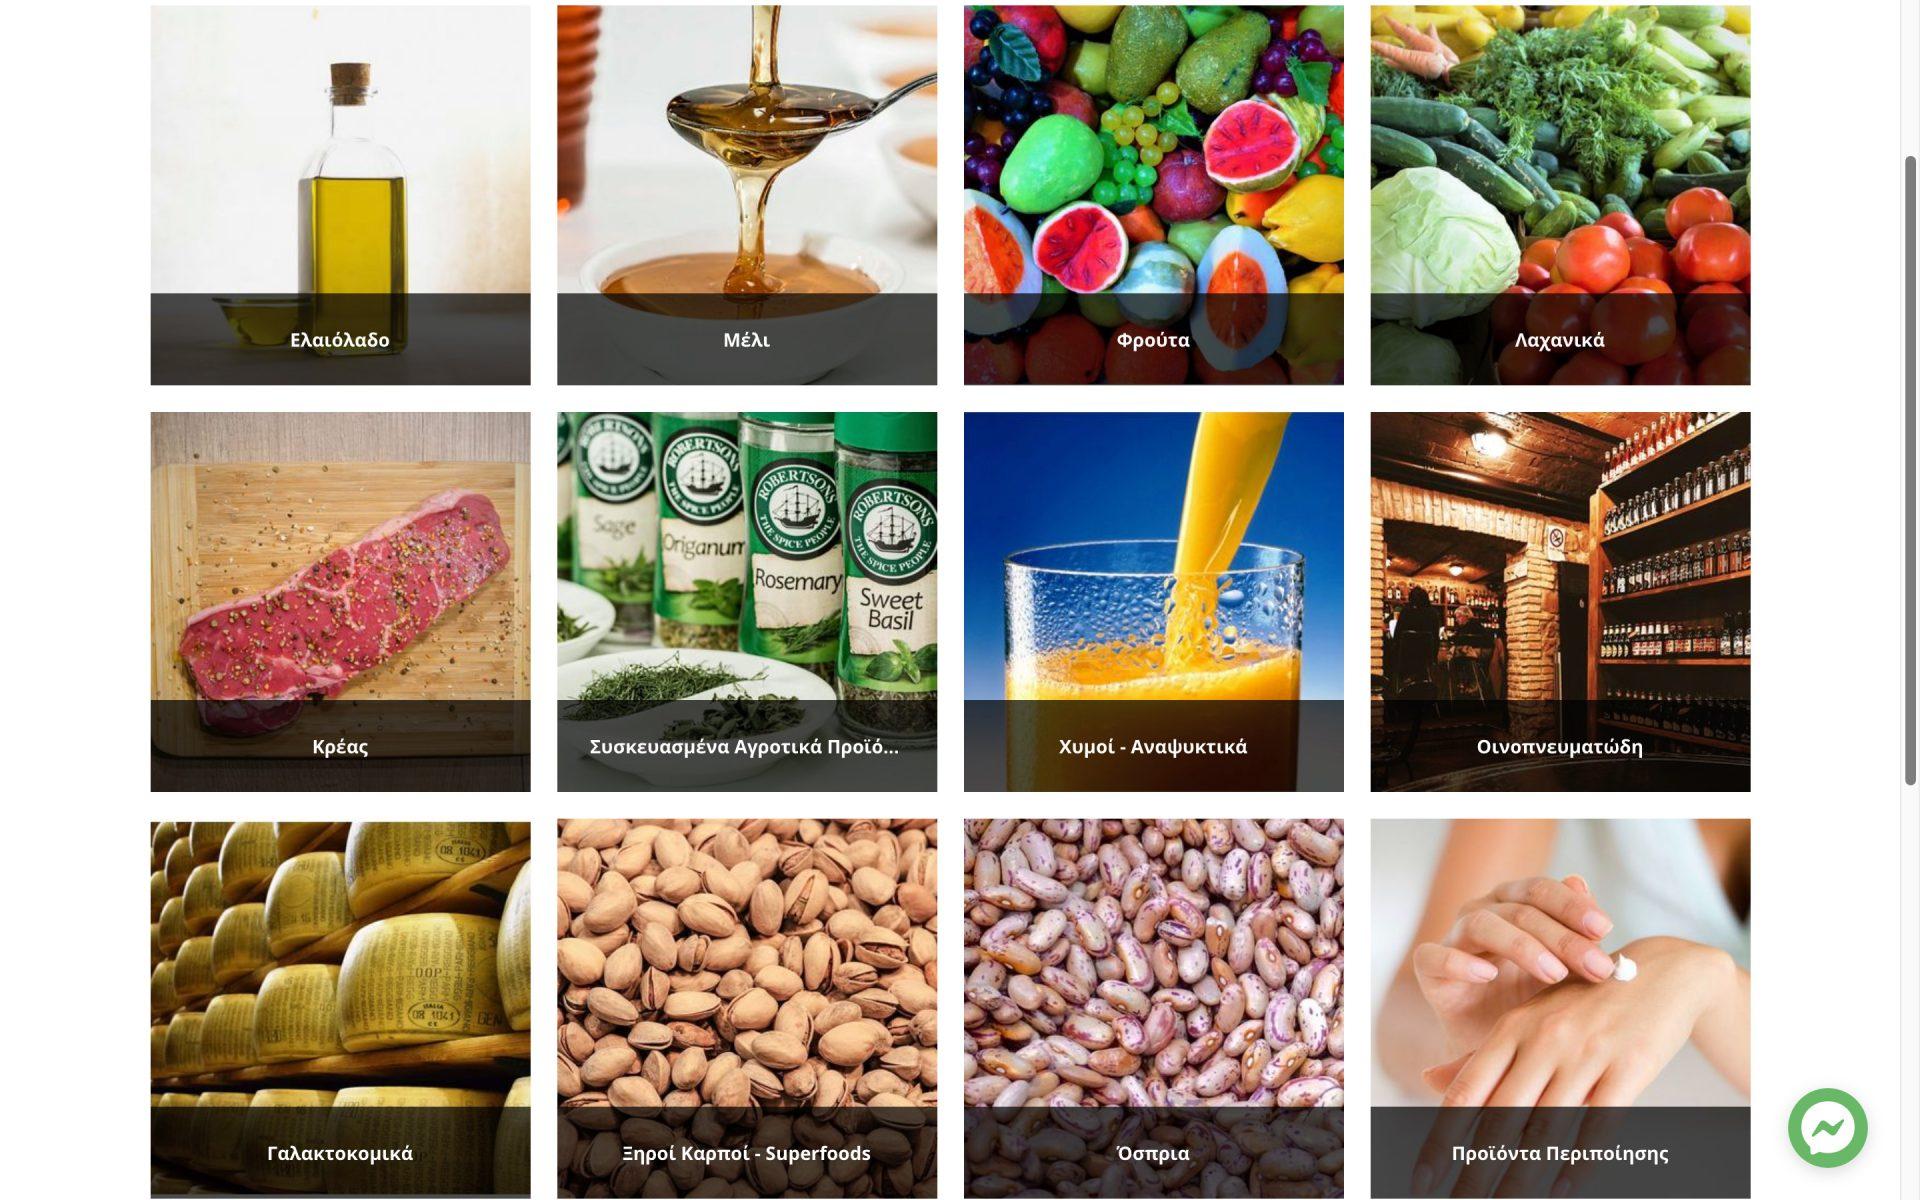 Τρόφιμα, κρέας, φρούτα, γλυκά: 4 online καταστήματα που σου φέρνουν τα ψώνια την ίδια μέρα!